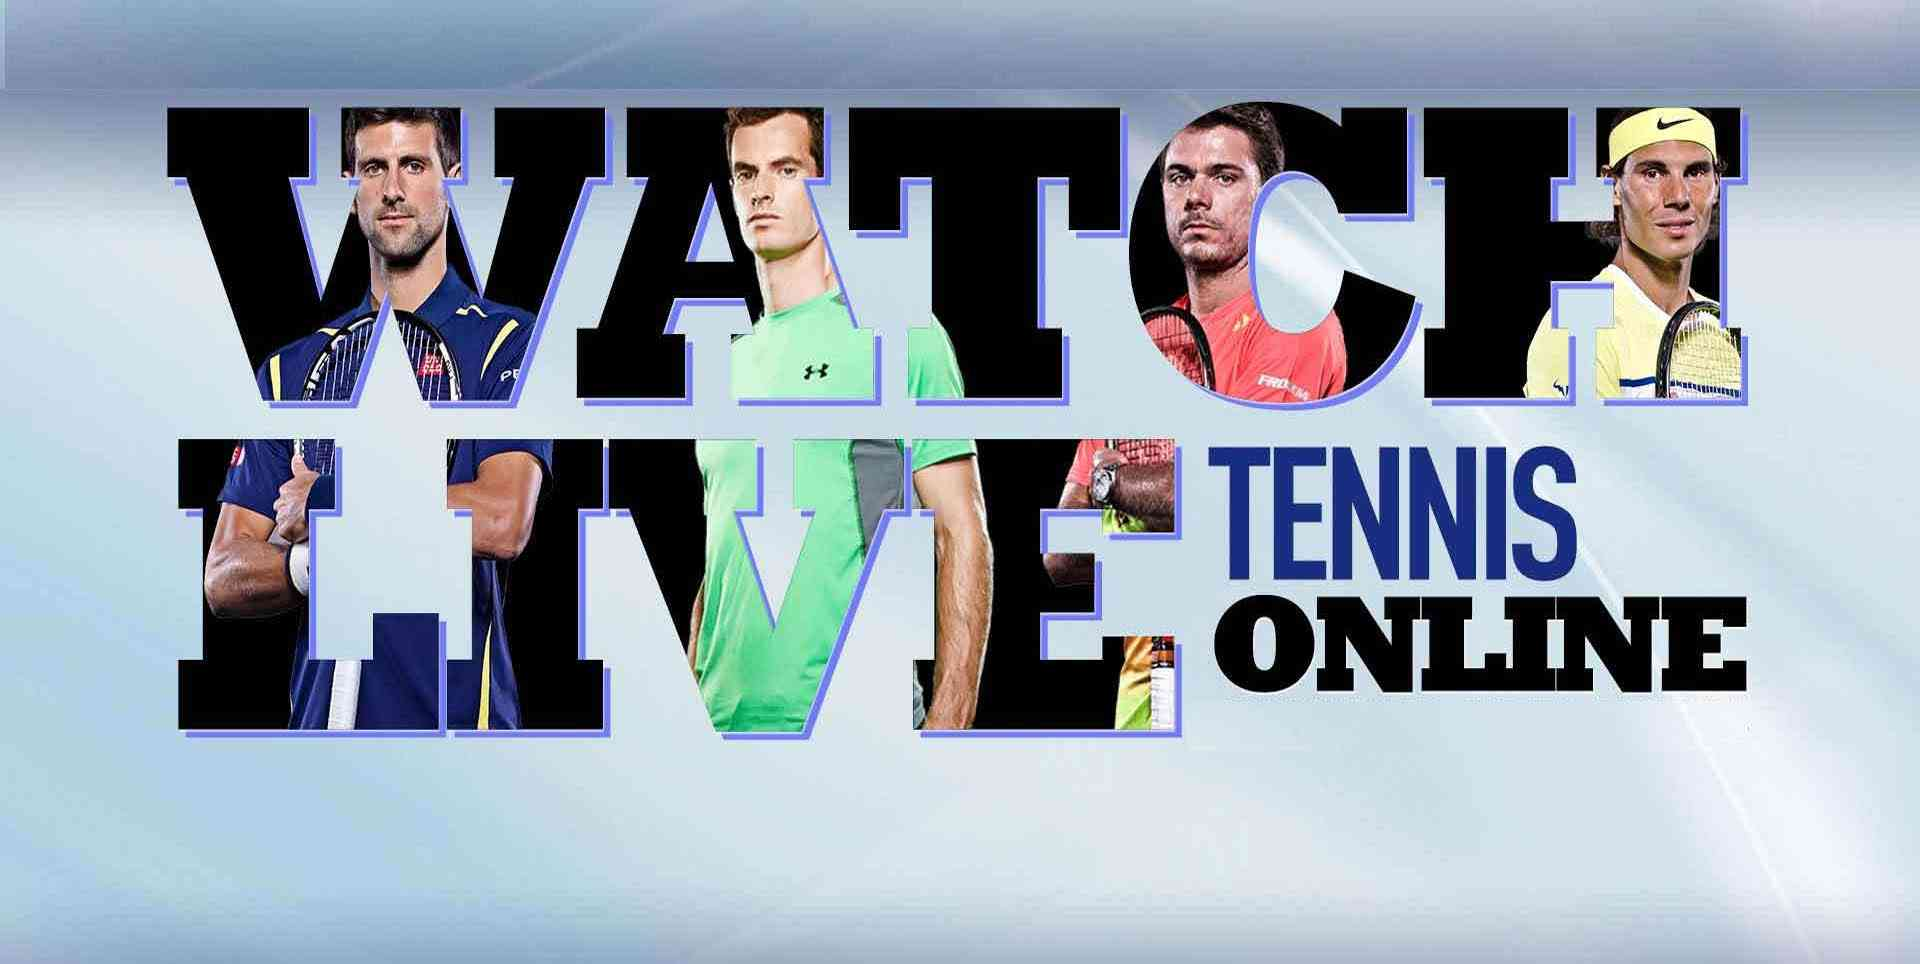 live-g.-dimitrov-vs-n.-djokovic-semifinal-online